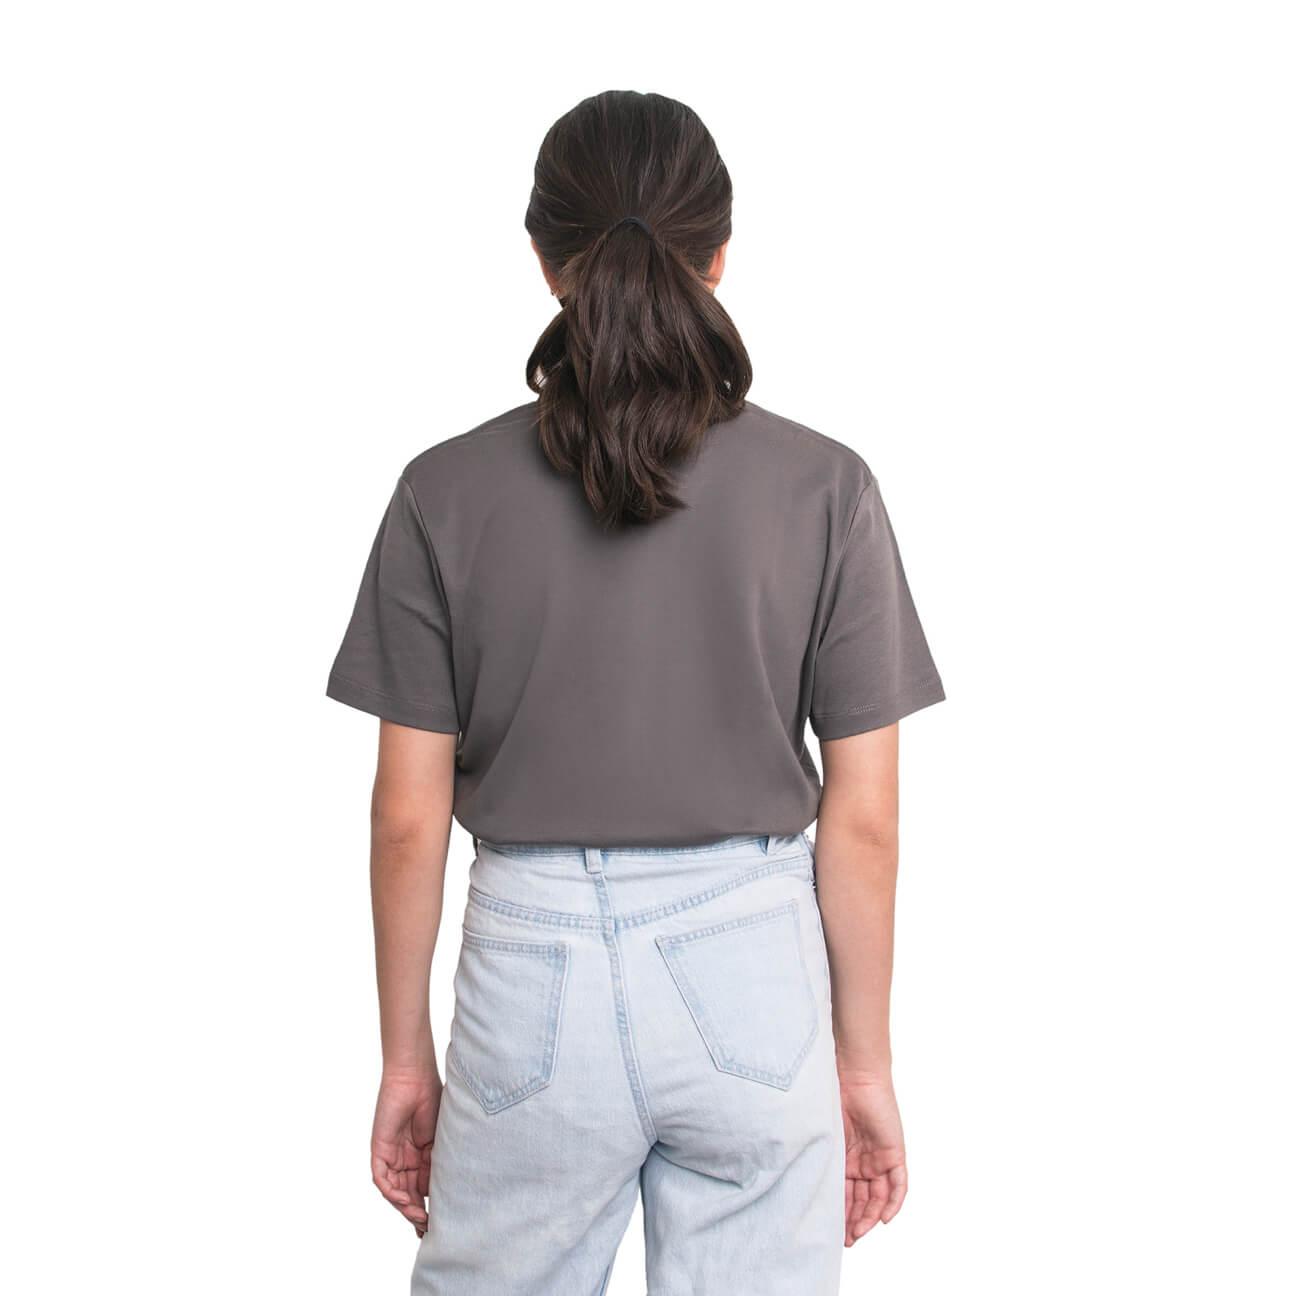 Boyfriend shirt básica gris verticales espalda